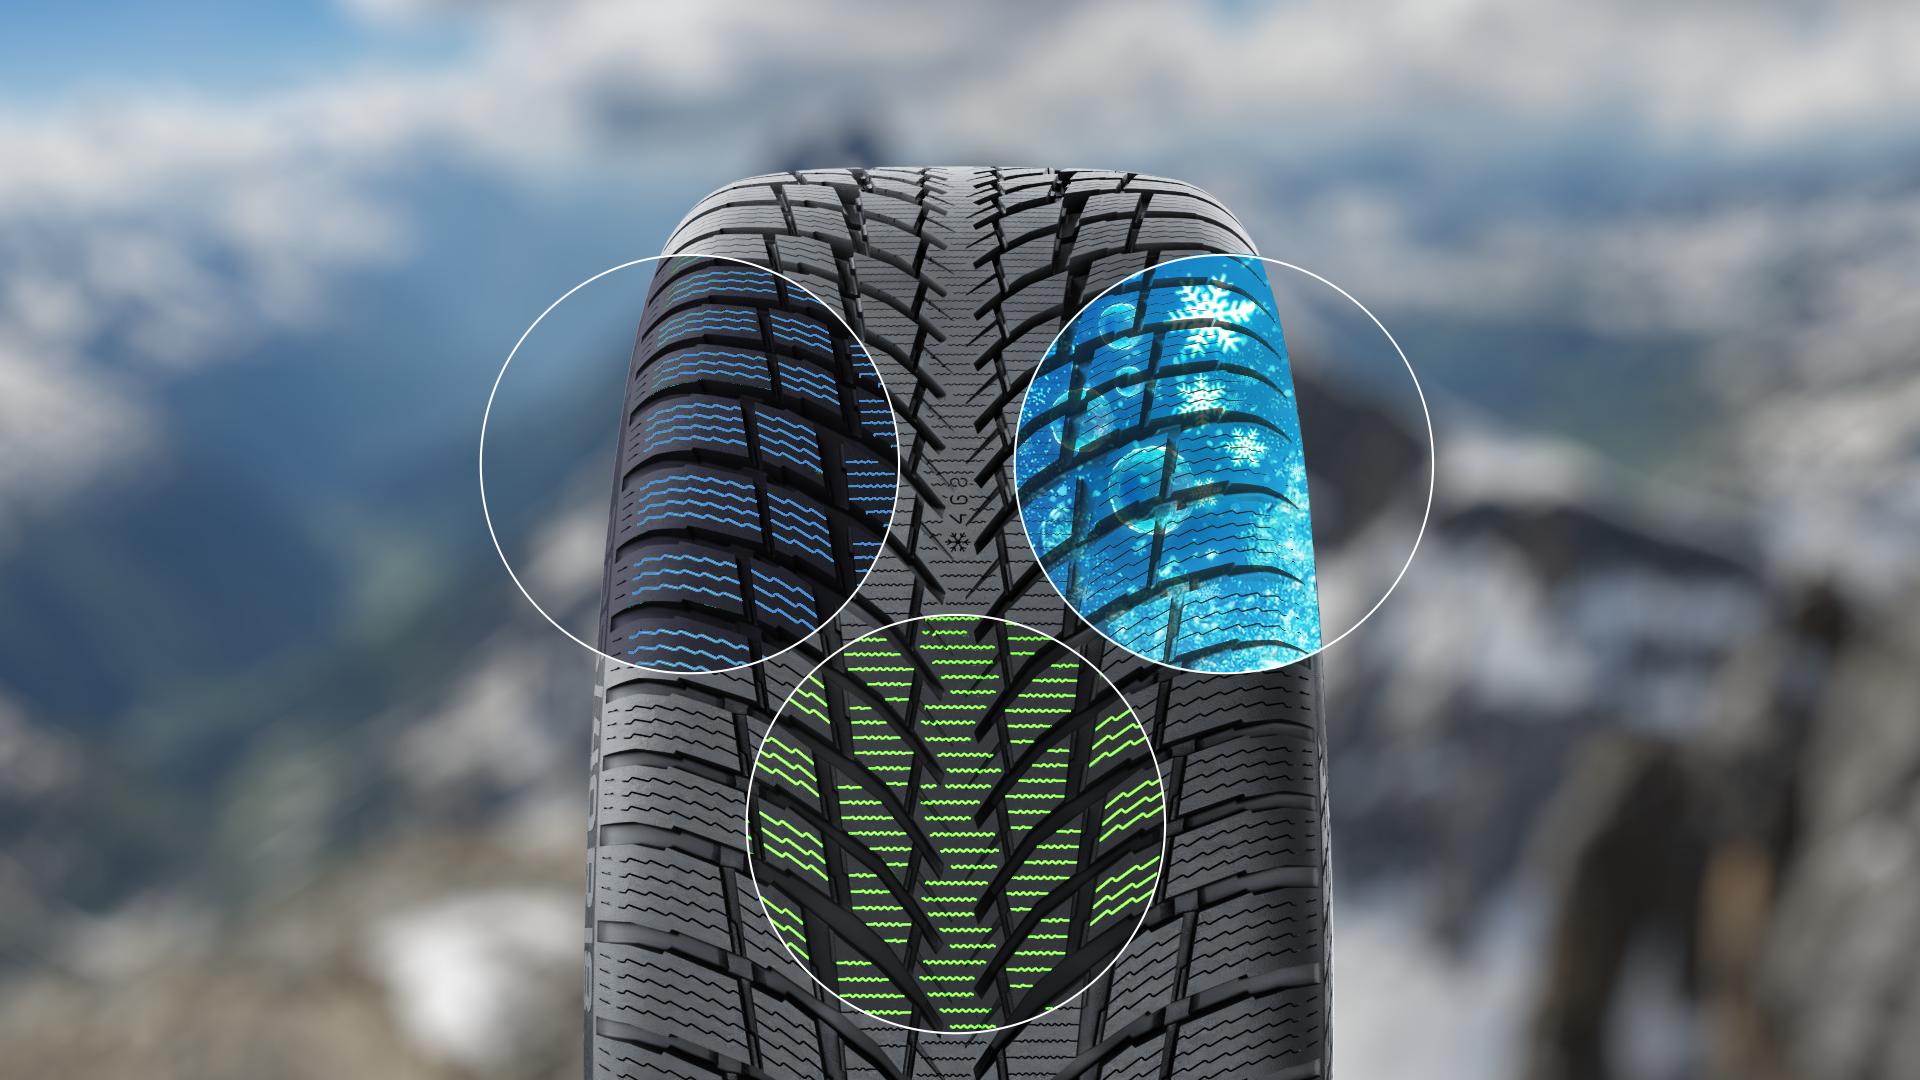 Концепция Alpine Performance включает три основных элемента: оптимизированный рисунок протектора, густую сетку ламелей и новую резиновую смесь Alpine Performance